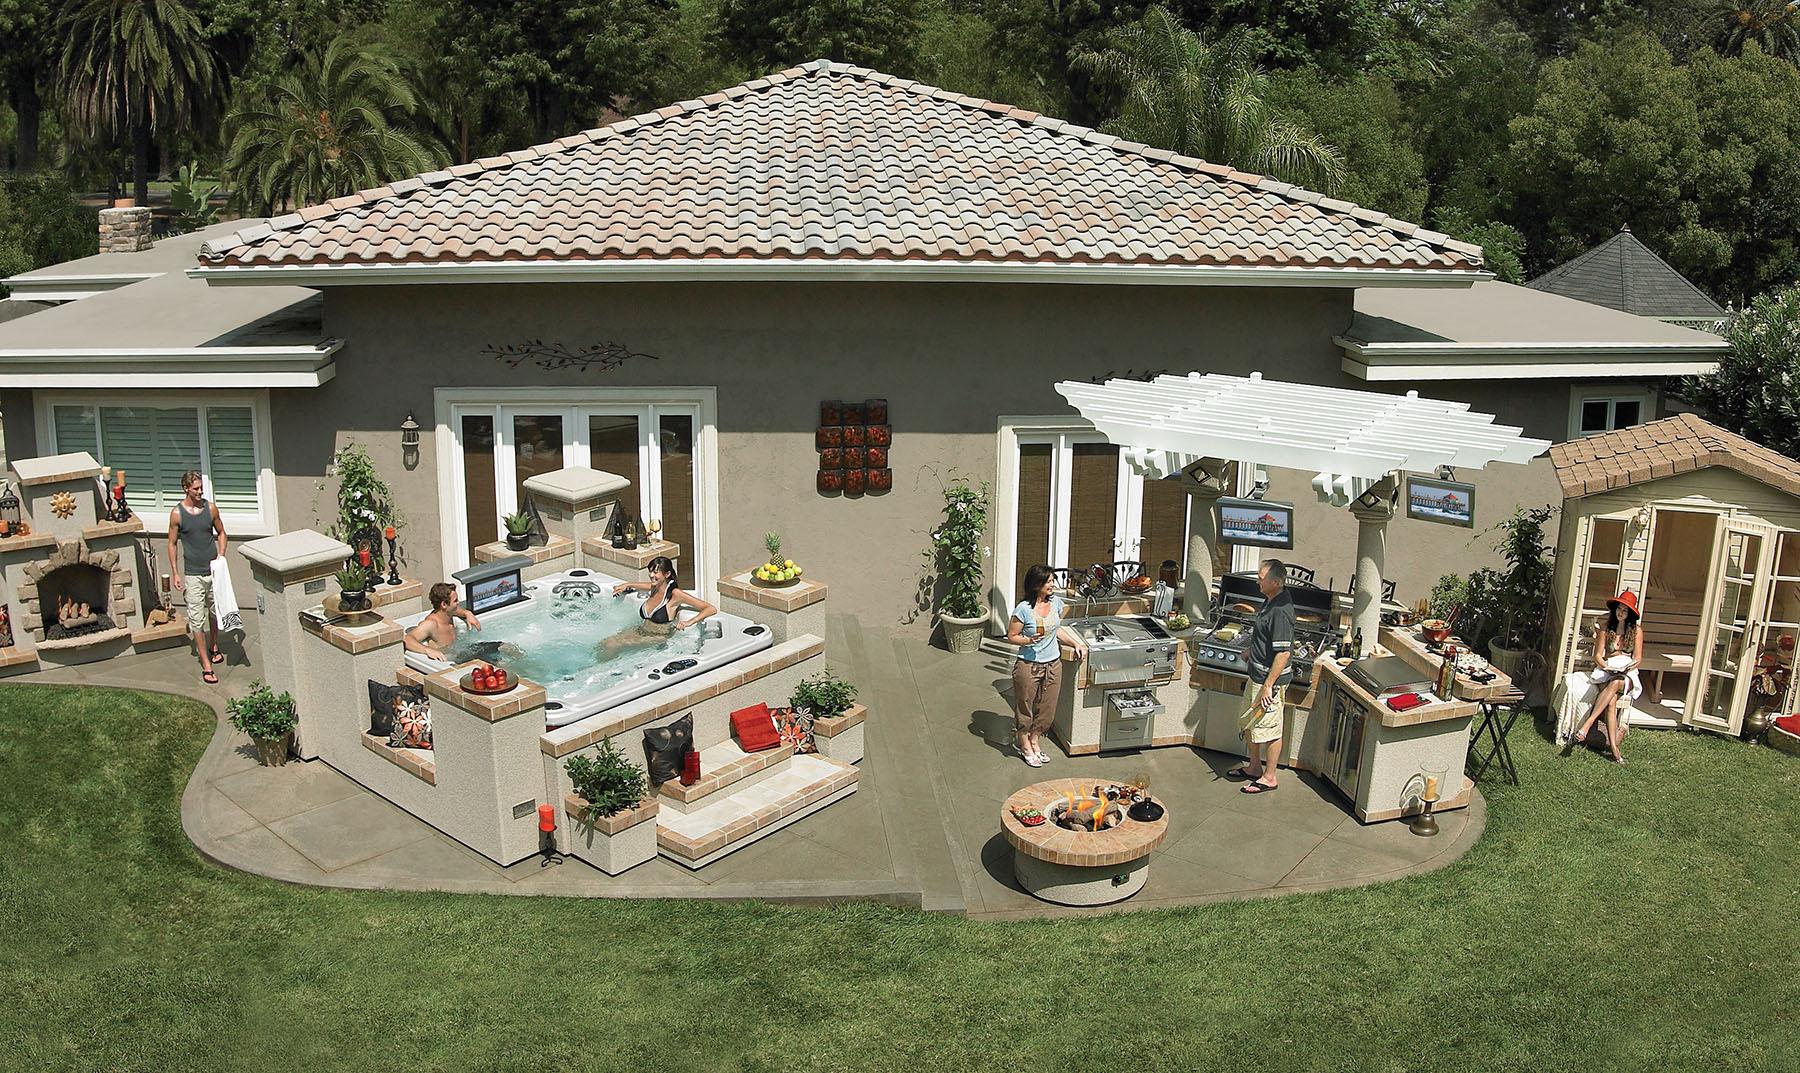 backyard miniature golf course large and beautiful photos photo